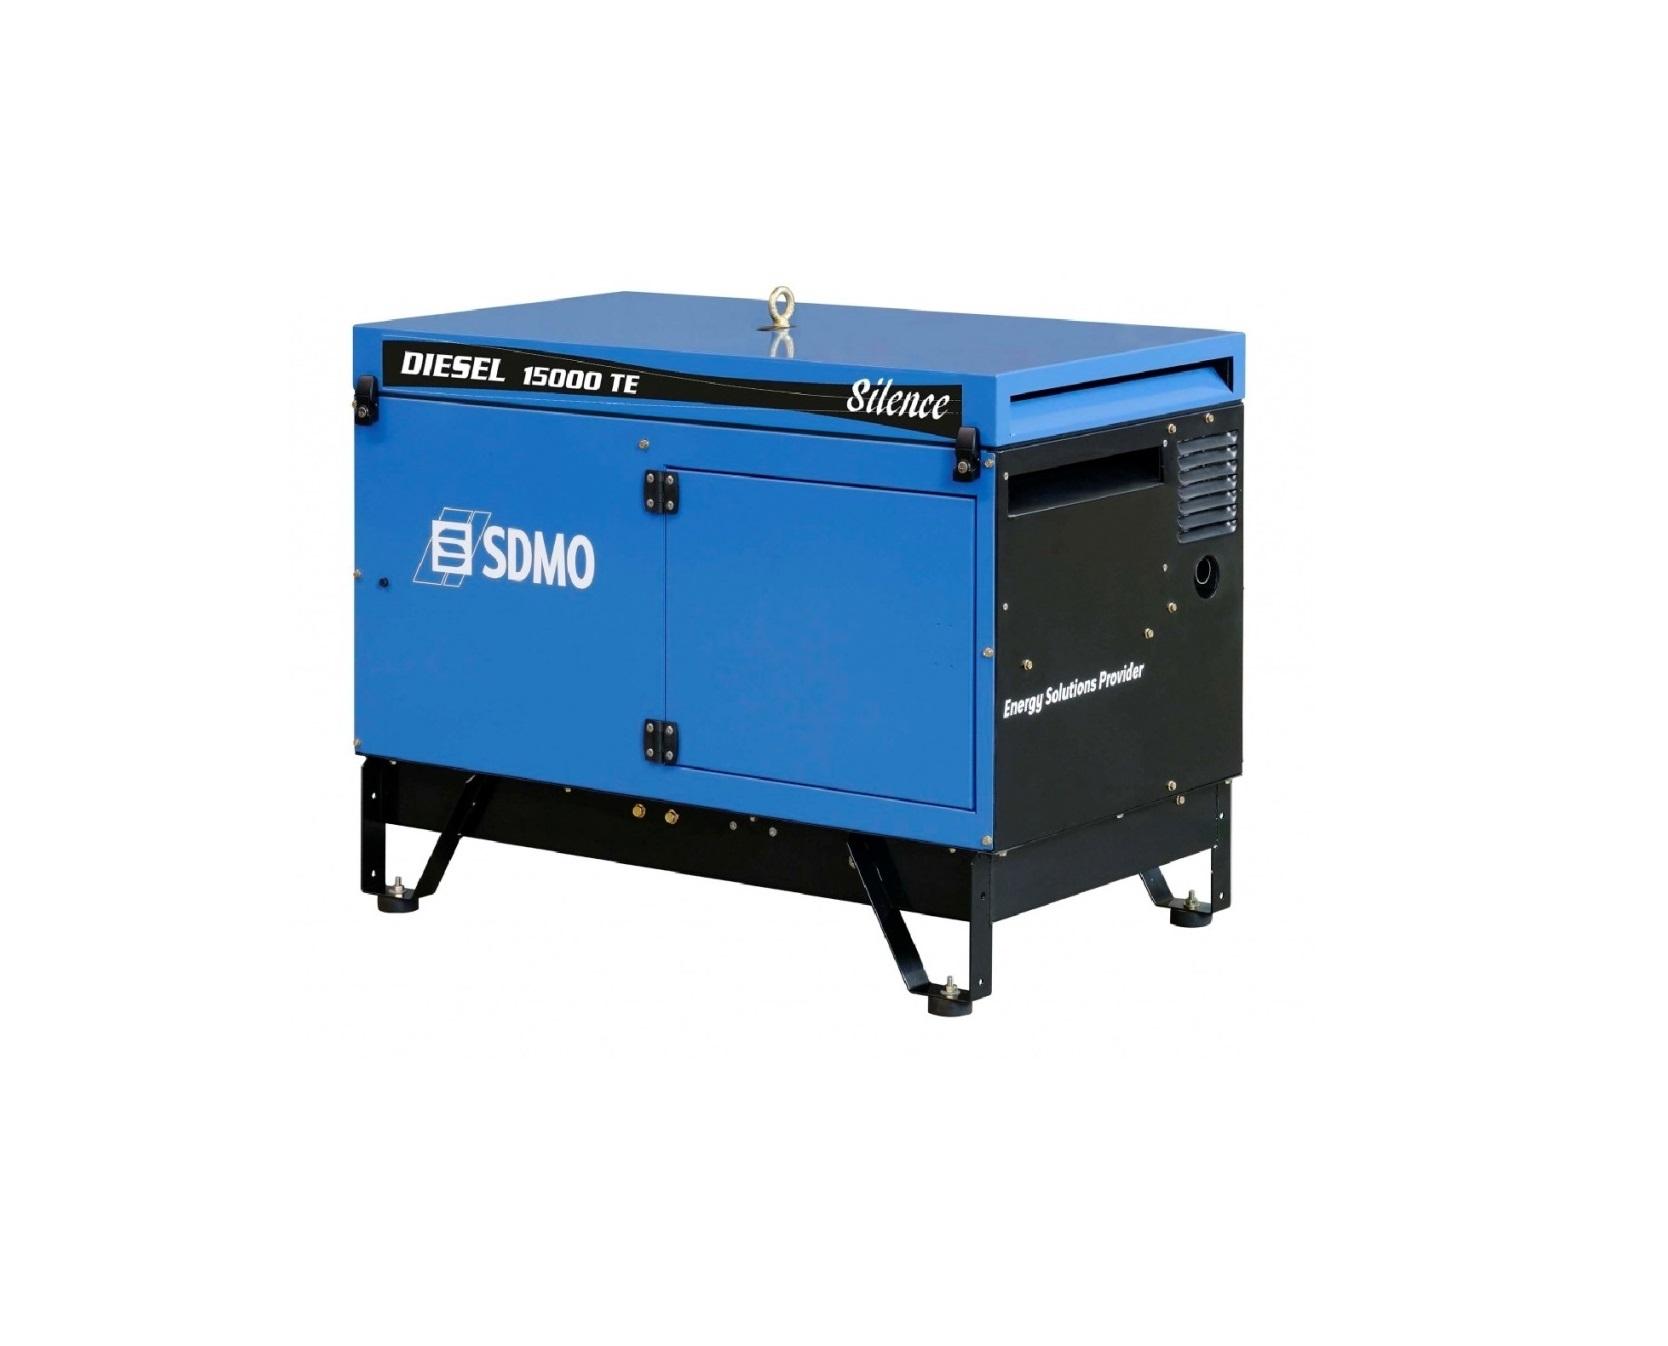 Дизельный генератор (электростанция) SDMO DIESEL 15000 TE SILENCE